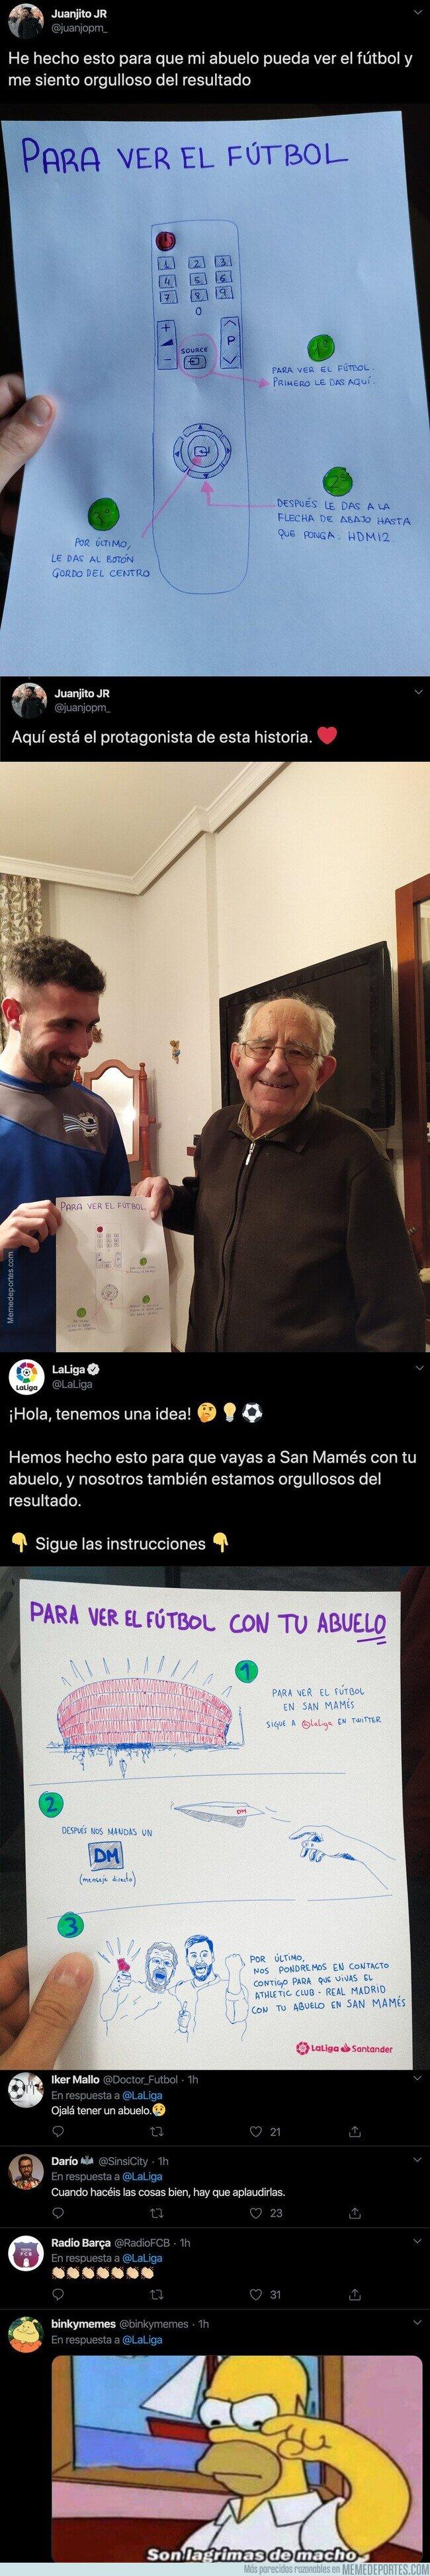 1098833 - El precioso gesto de LaLiga con este chico y su abuelo que le dibujó un mando para que pudiese ver el fútbol en la televisión